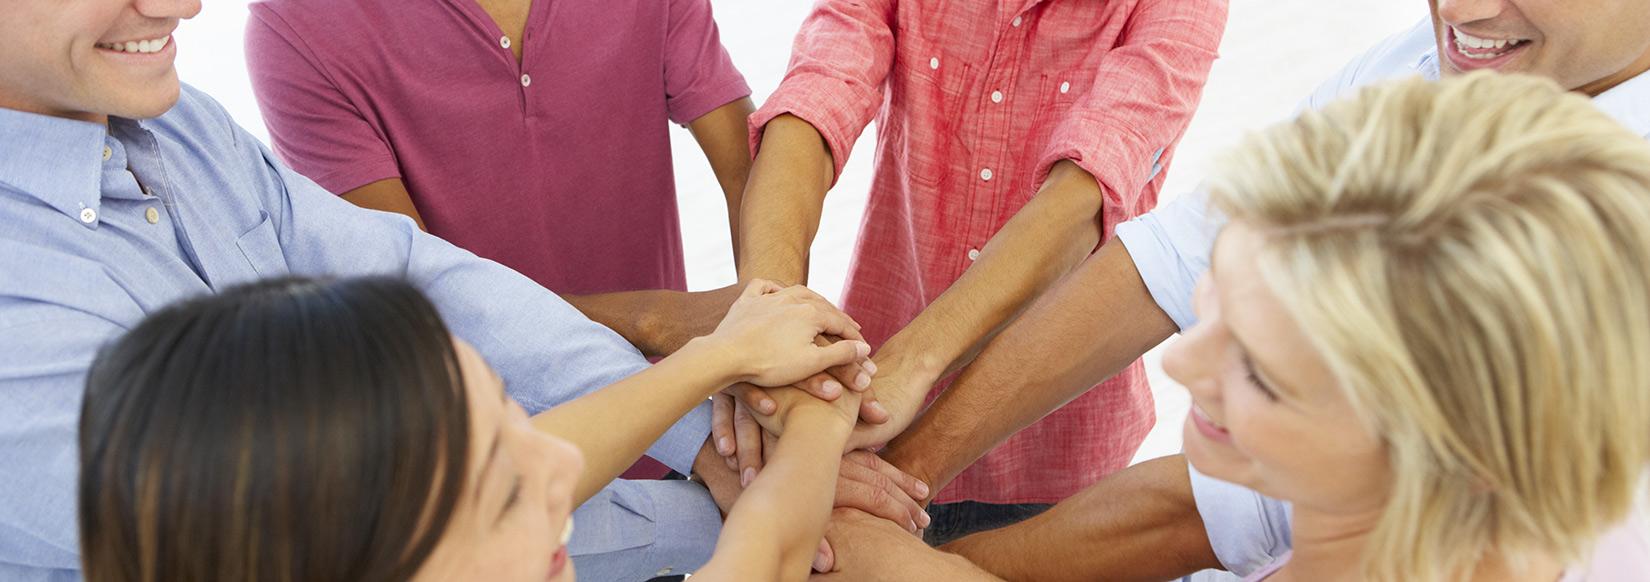 organiser-un-team-building-entreprise-avignon-dans-le-84